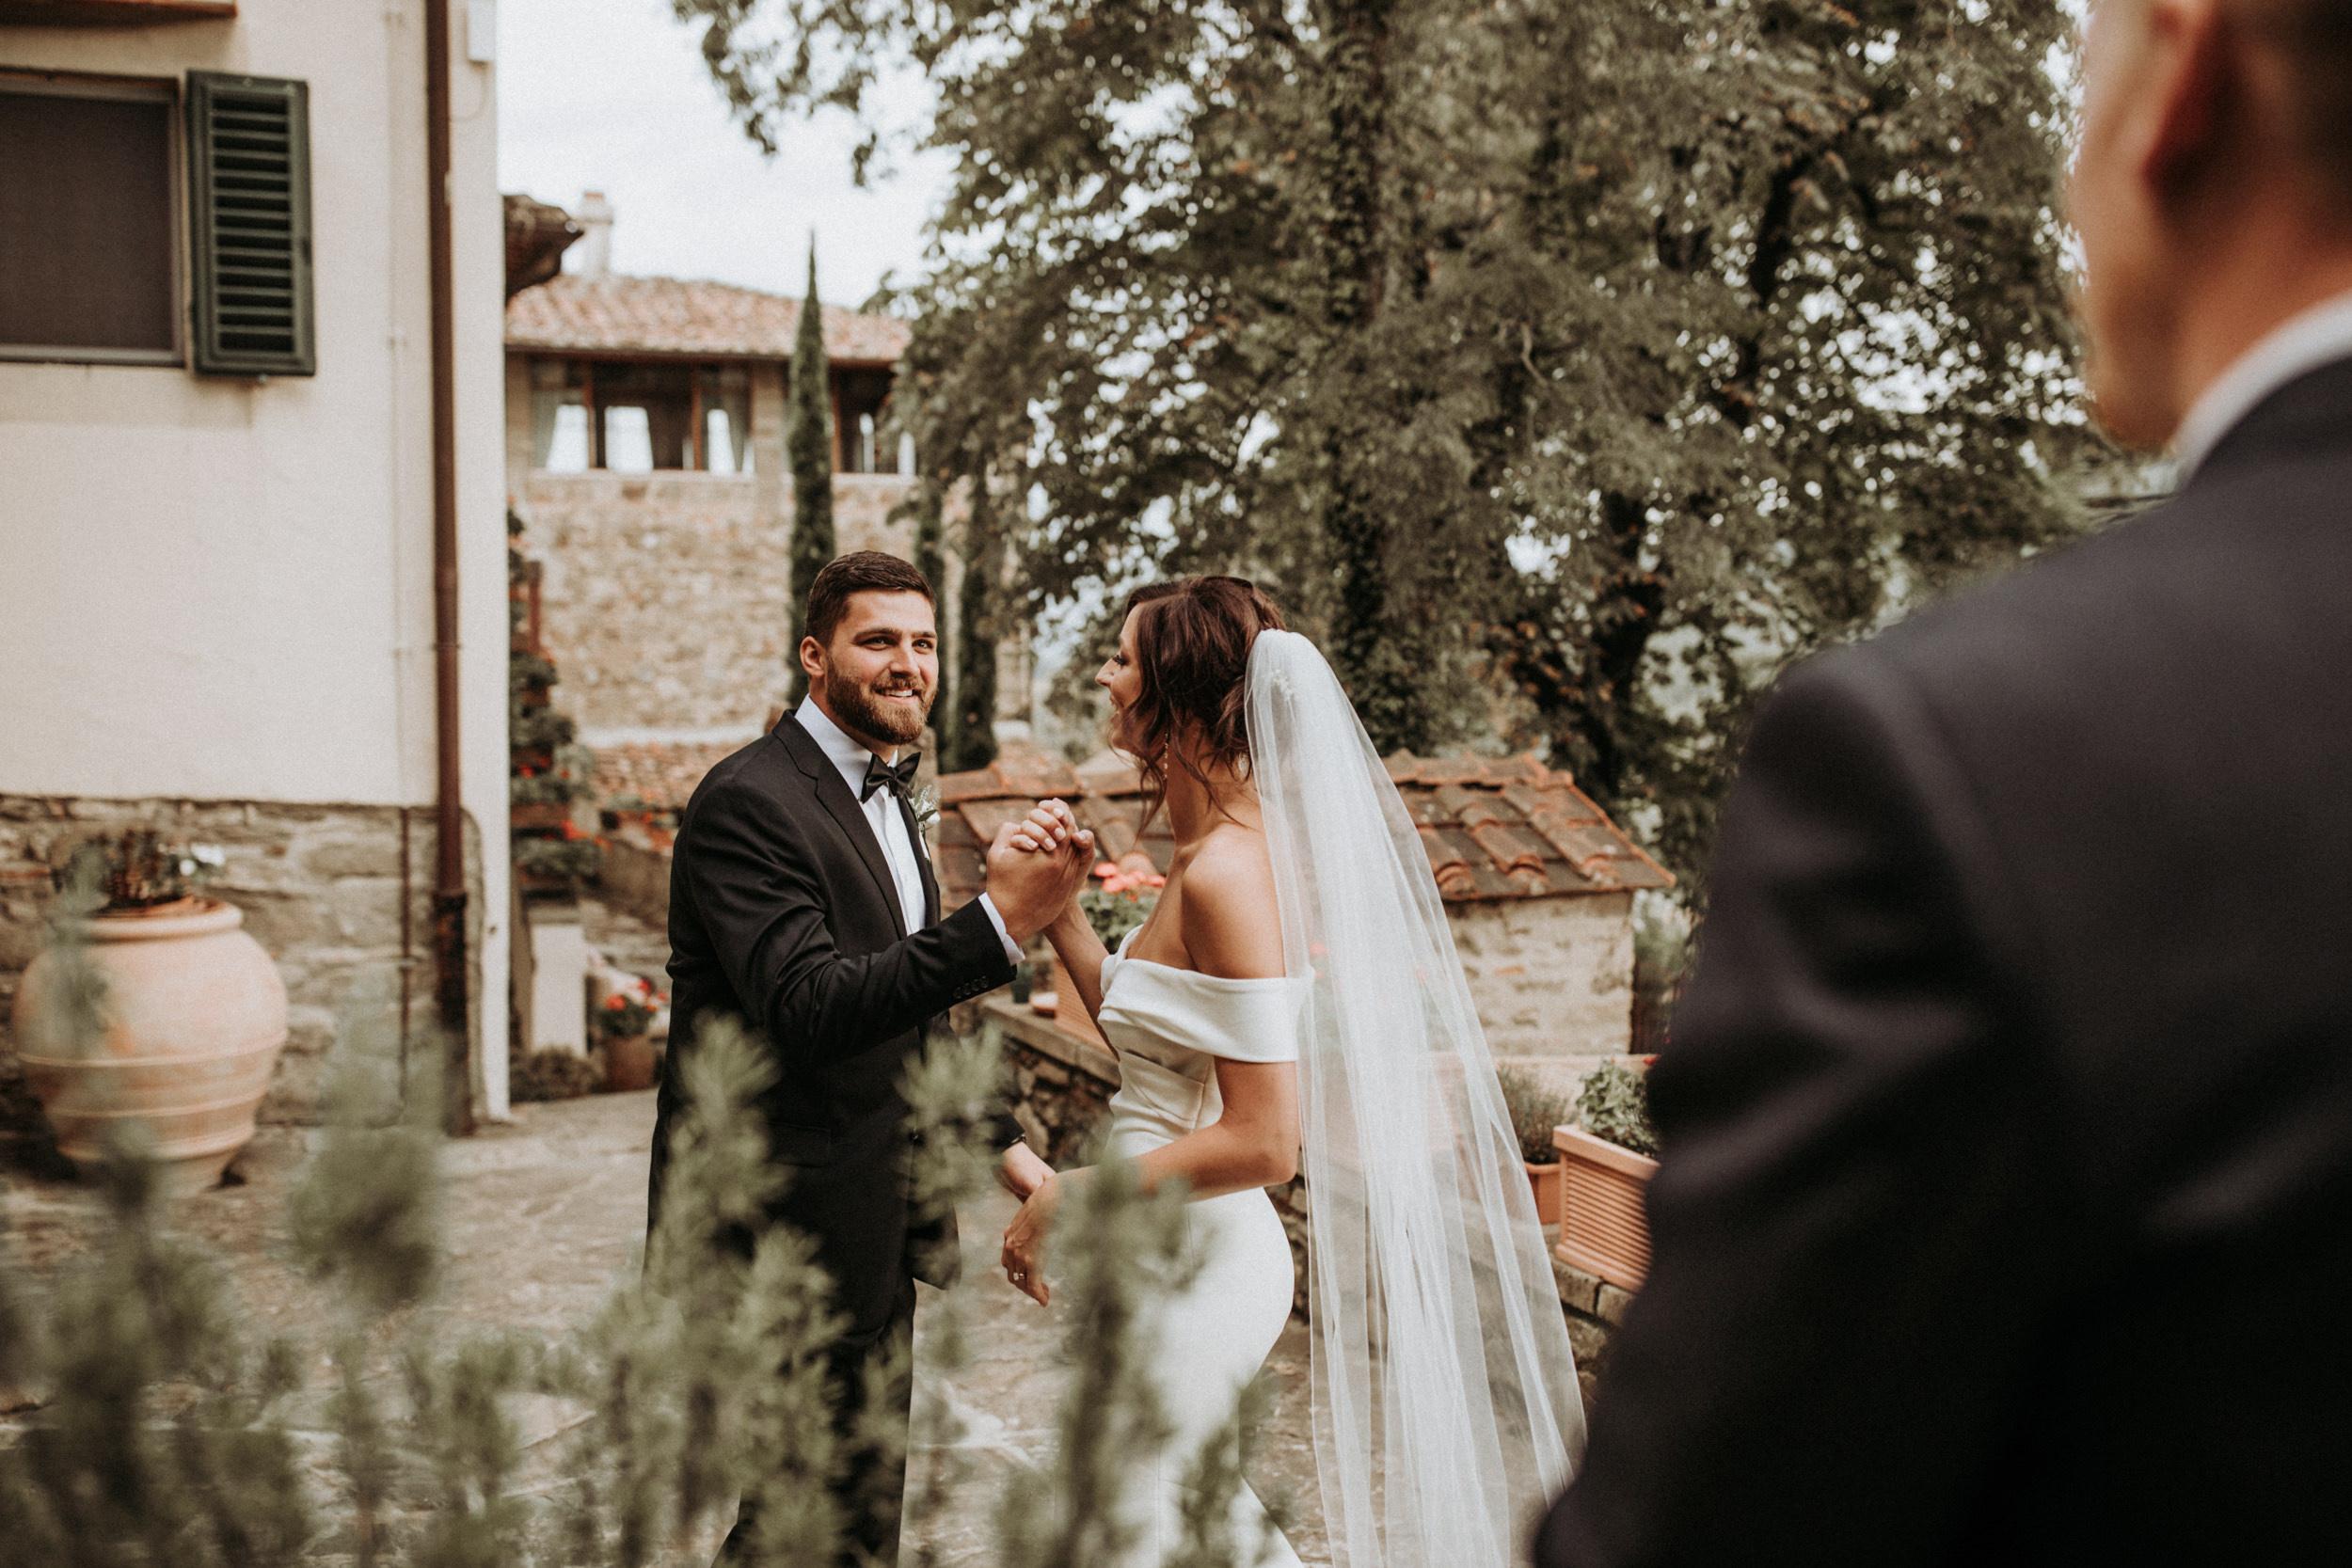 dm_photography_KW_Tuscanyweddingday_250